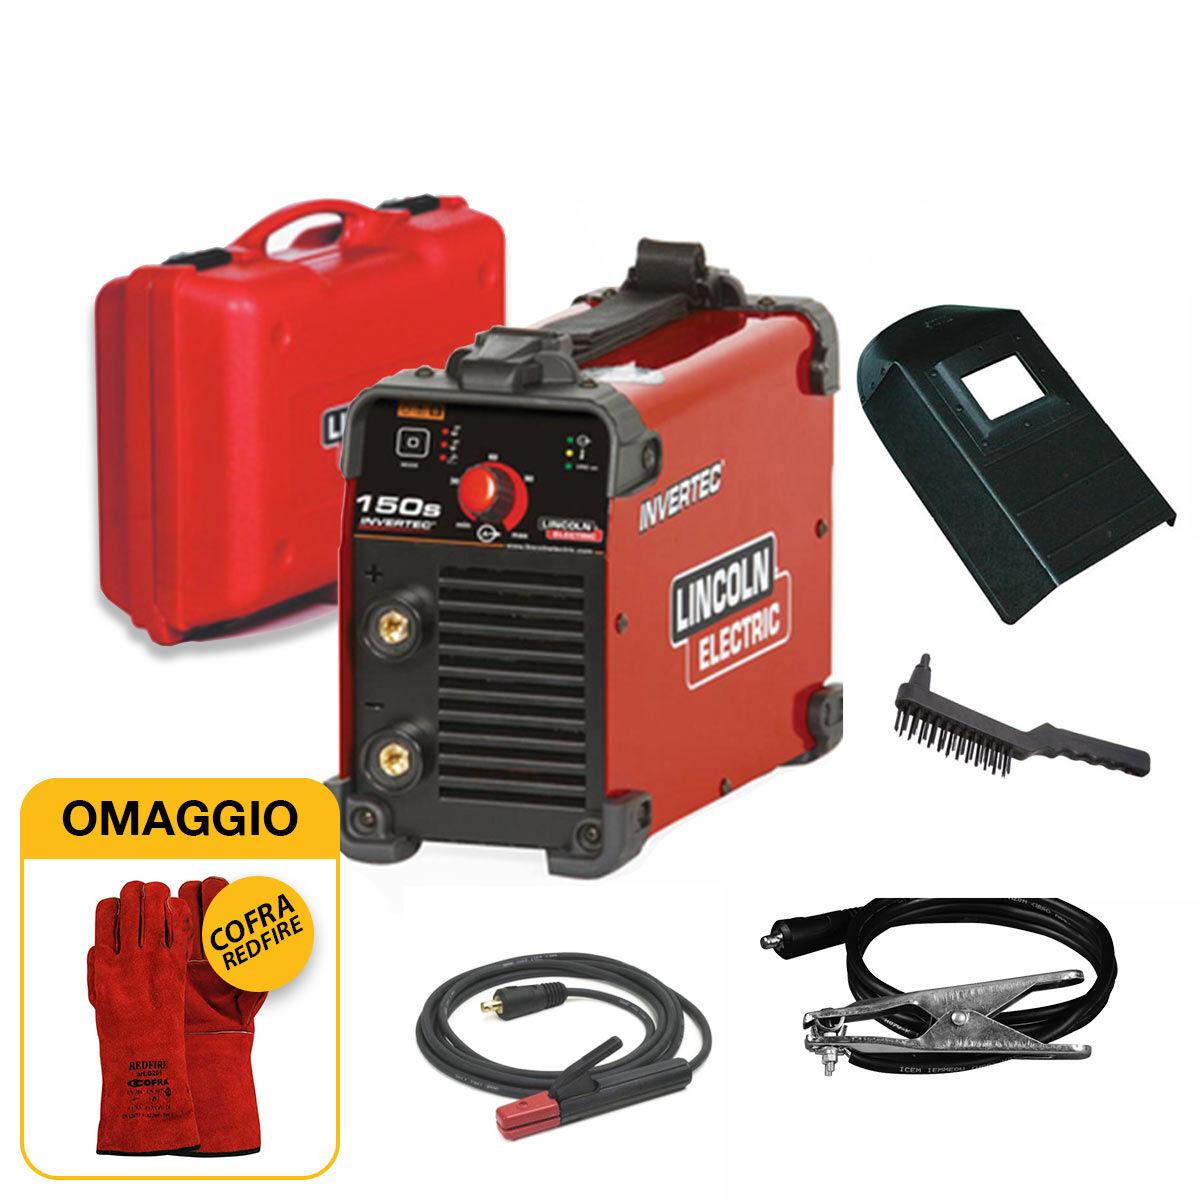 lincoln electric saldatrice inverter  invertec 150s (140 a) con kit completo pronta all'uso con omaggio